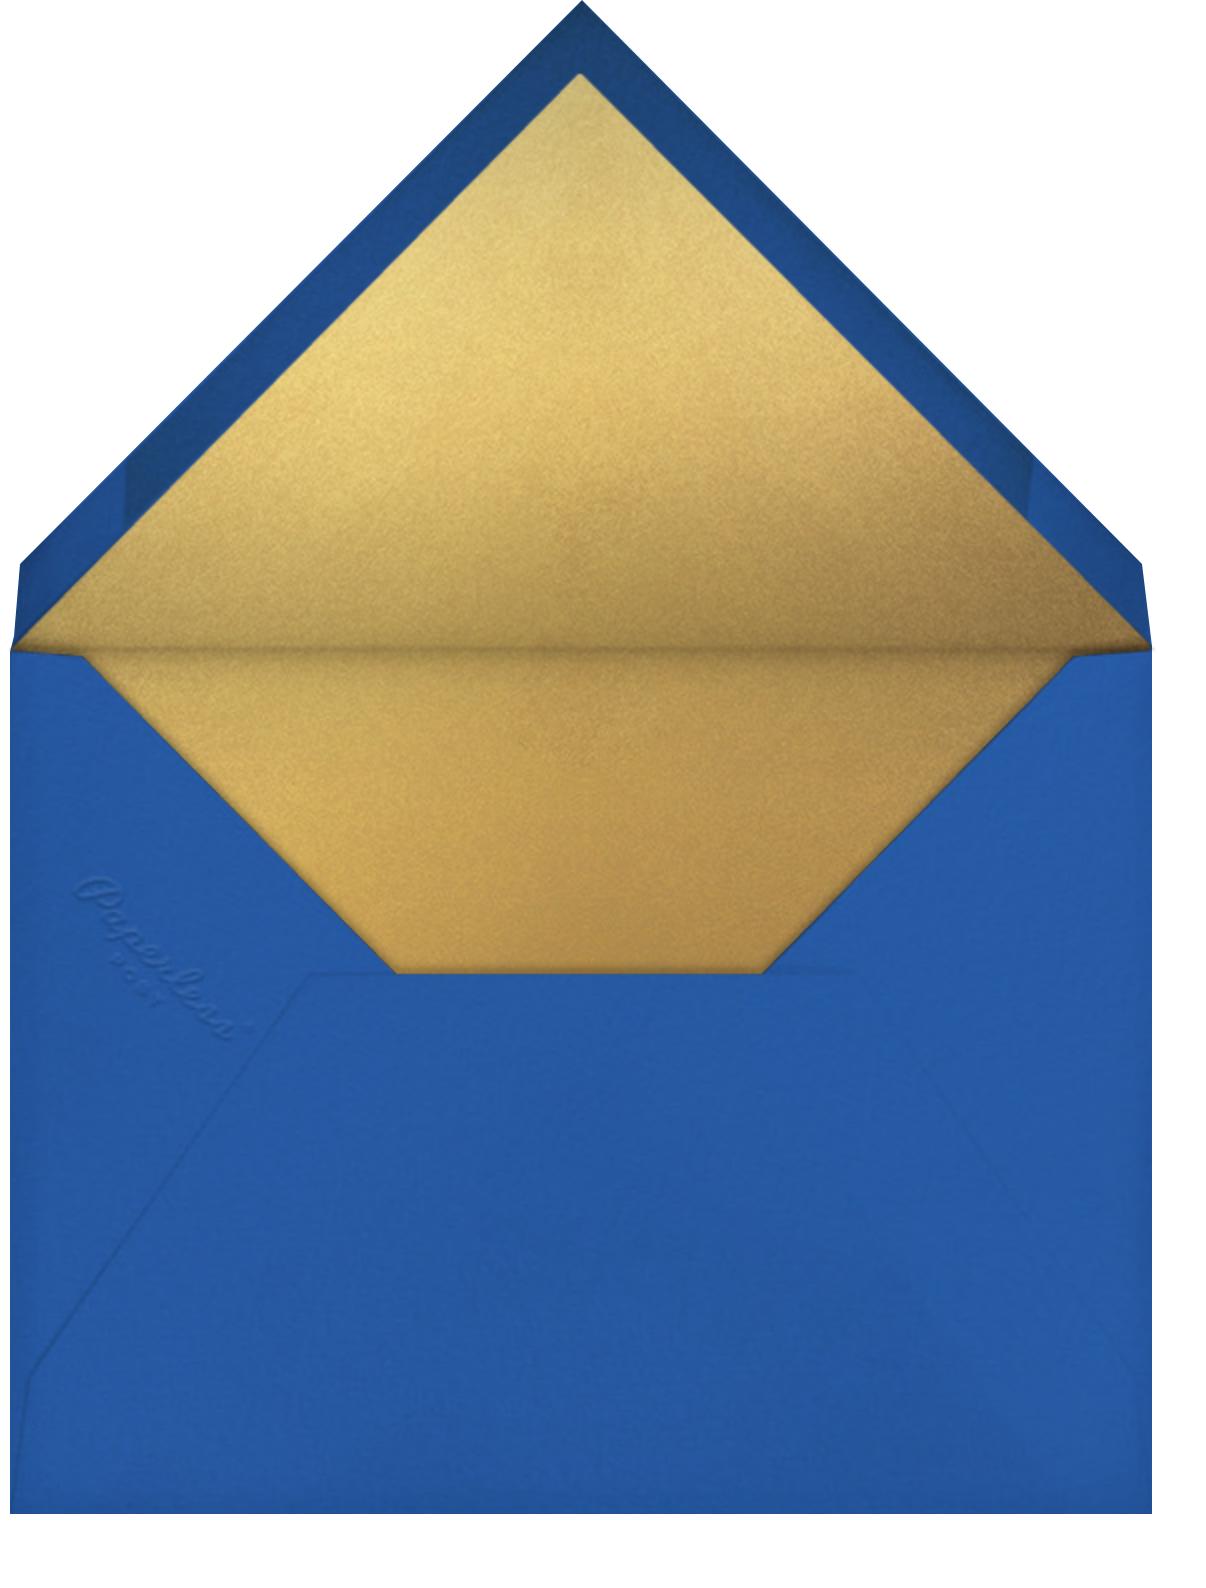 Ramadan Glow (Greeting) - Paperless Post - Envelope